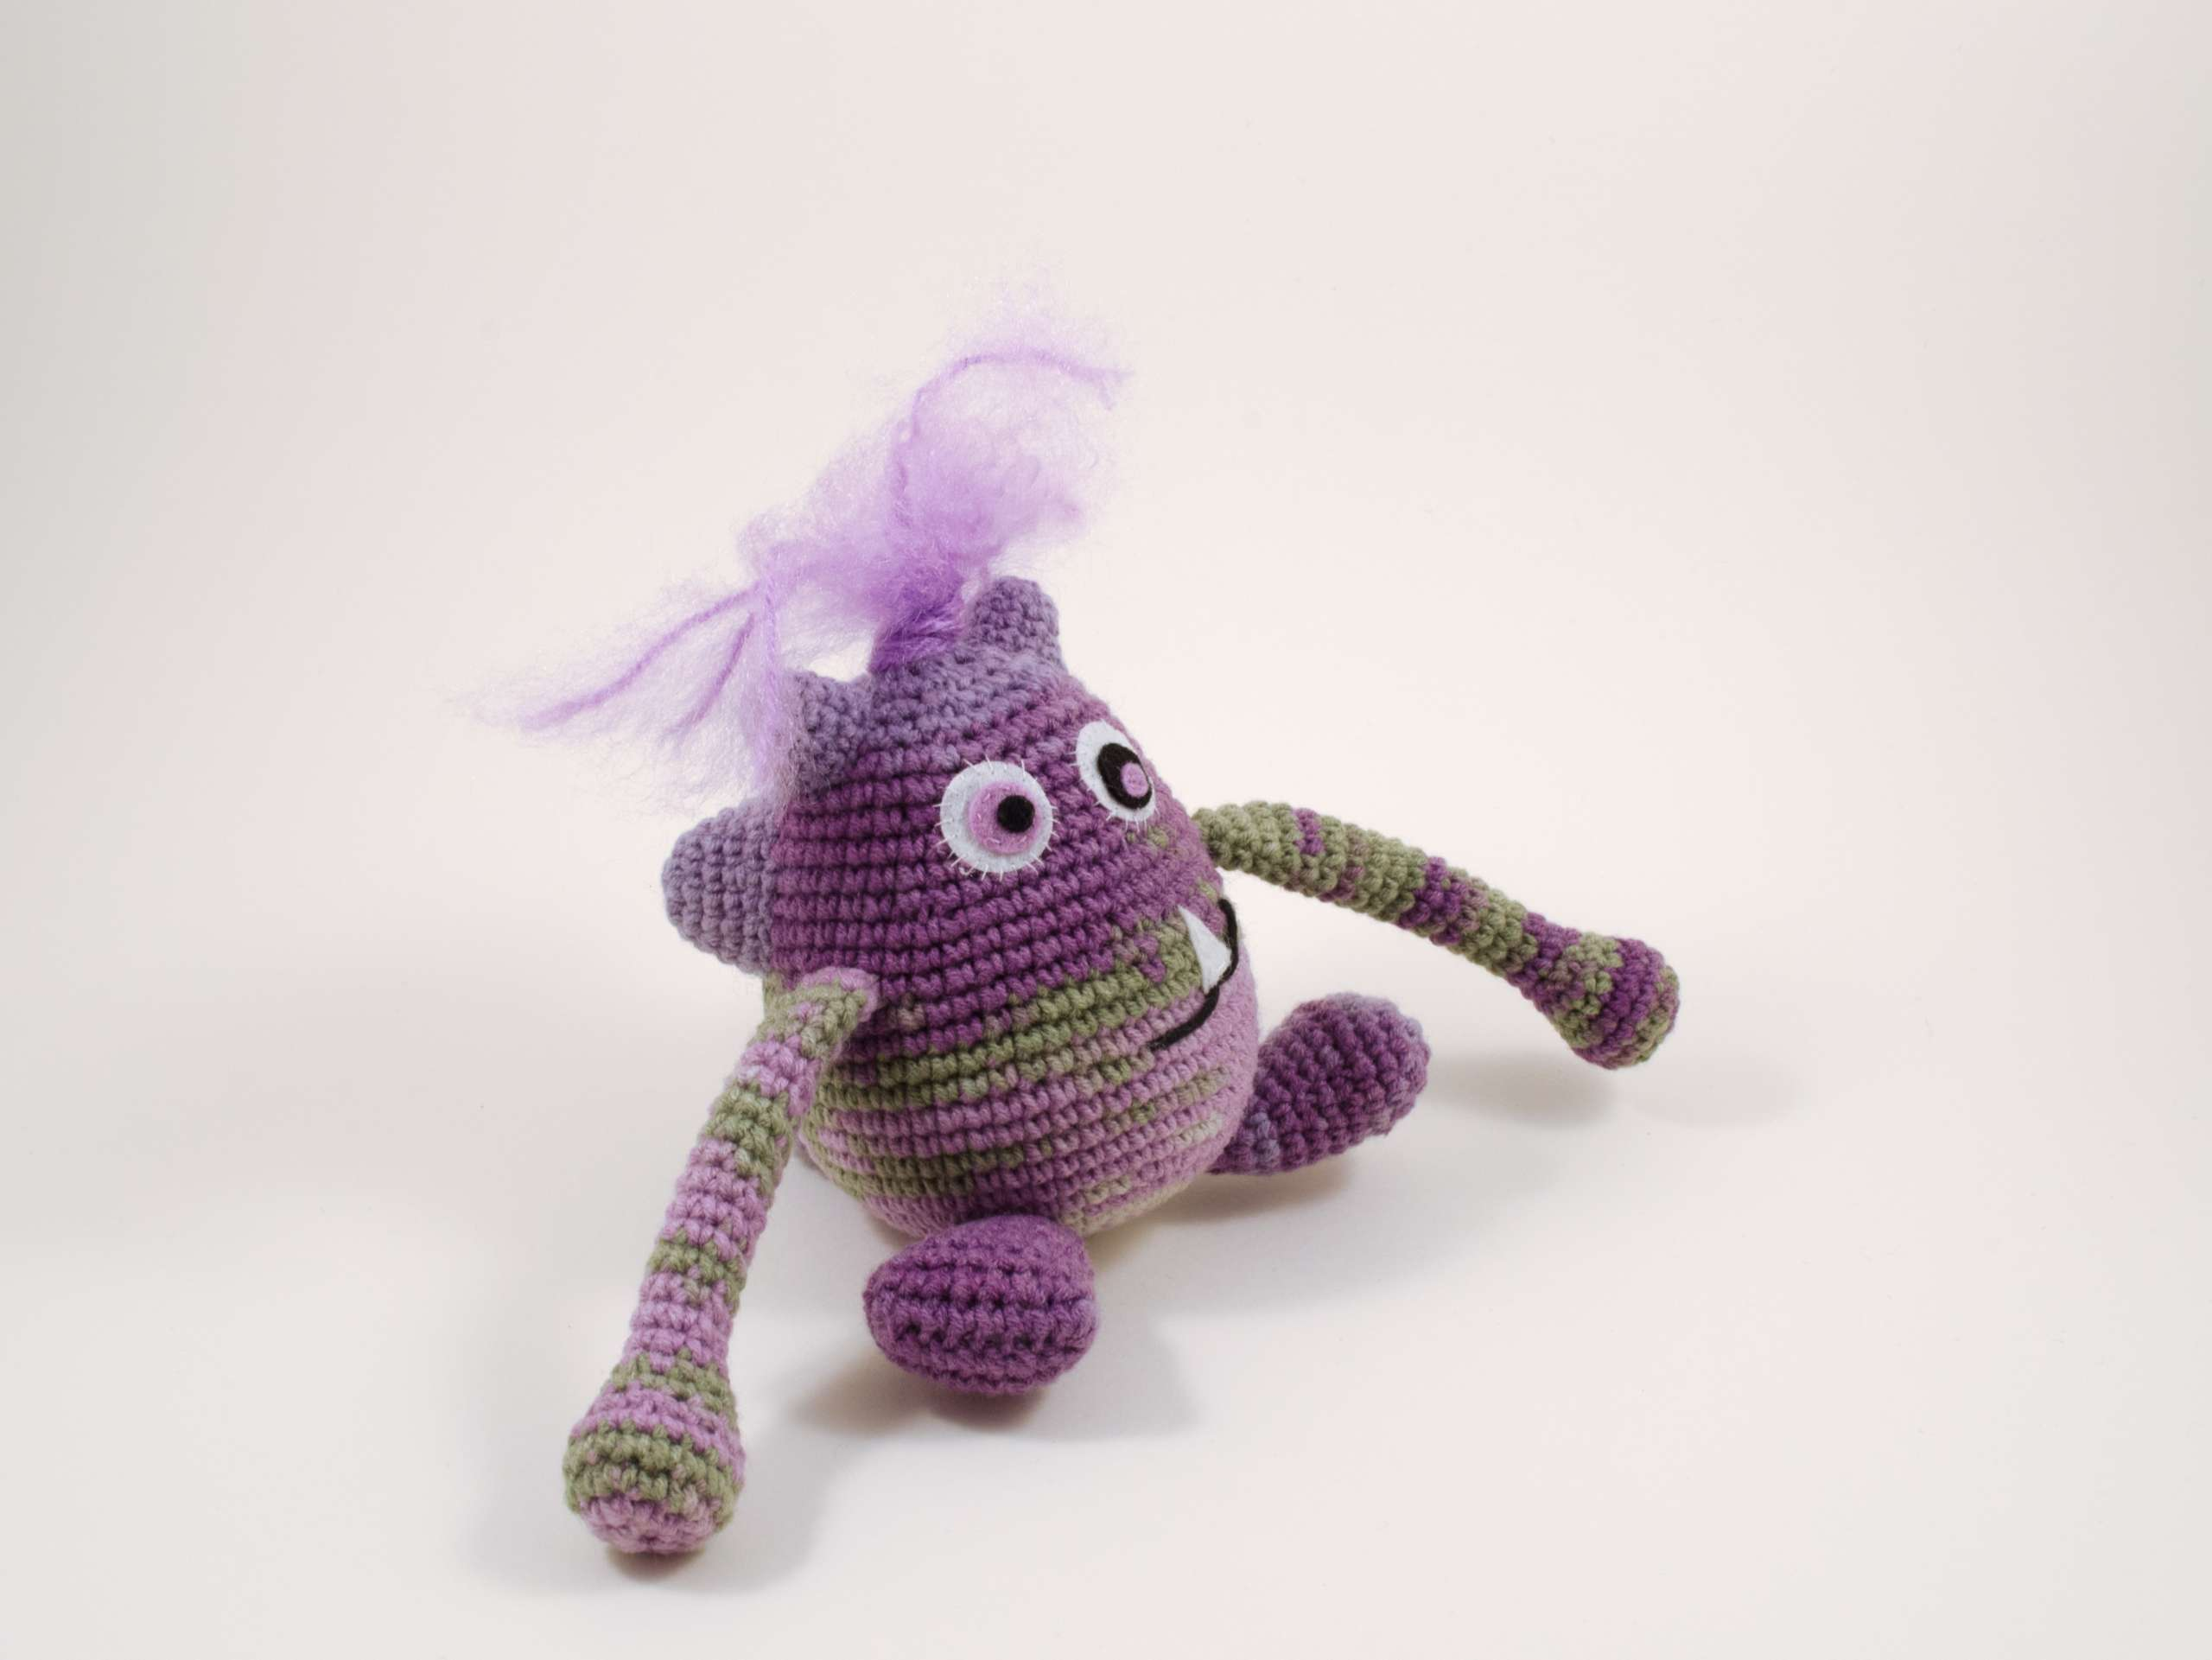 crochet purple monster side view